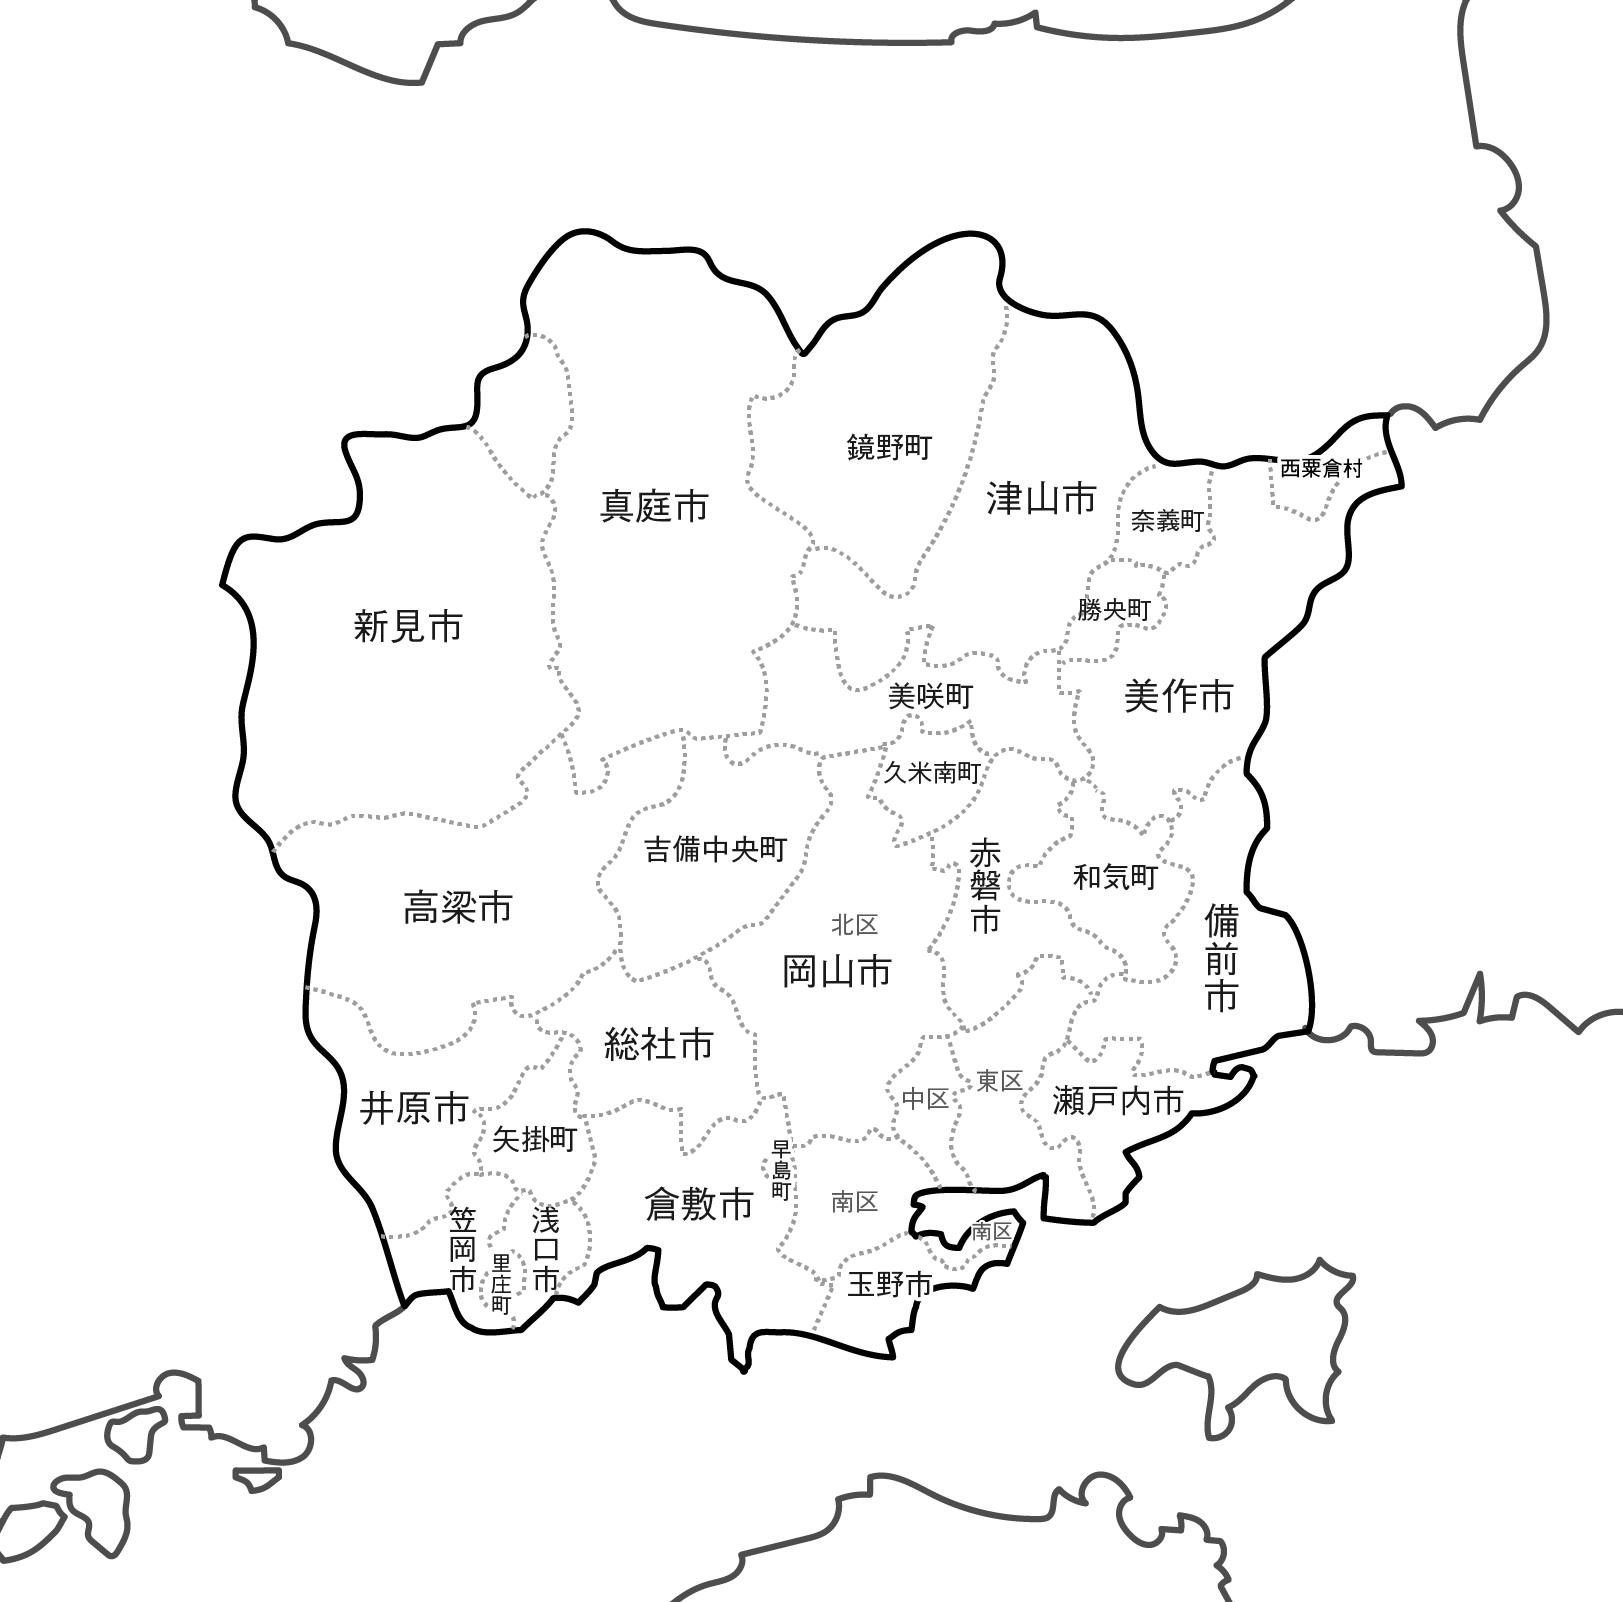 [白地図]岡山県・ラインあり・市区町村名あり・隣県あり